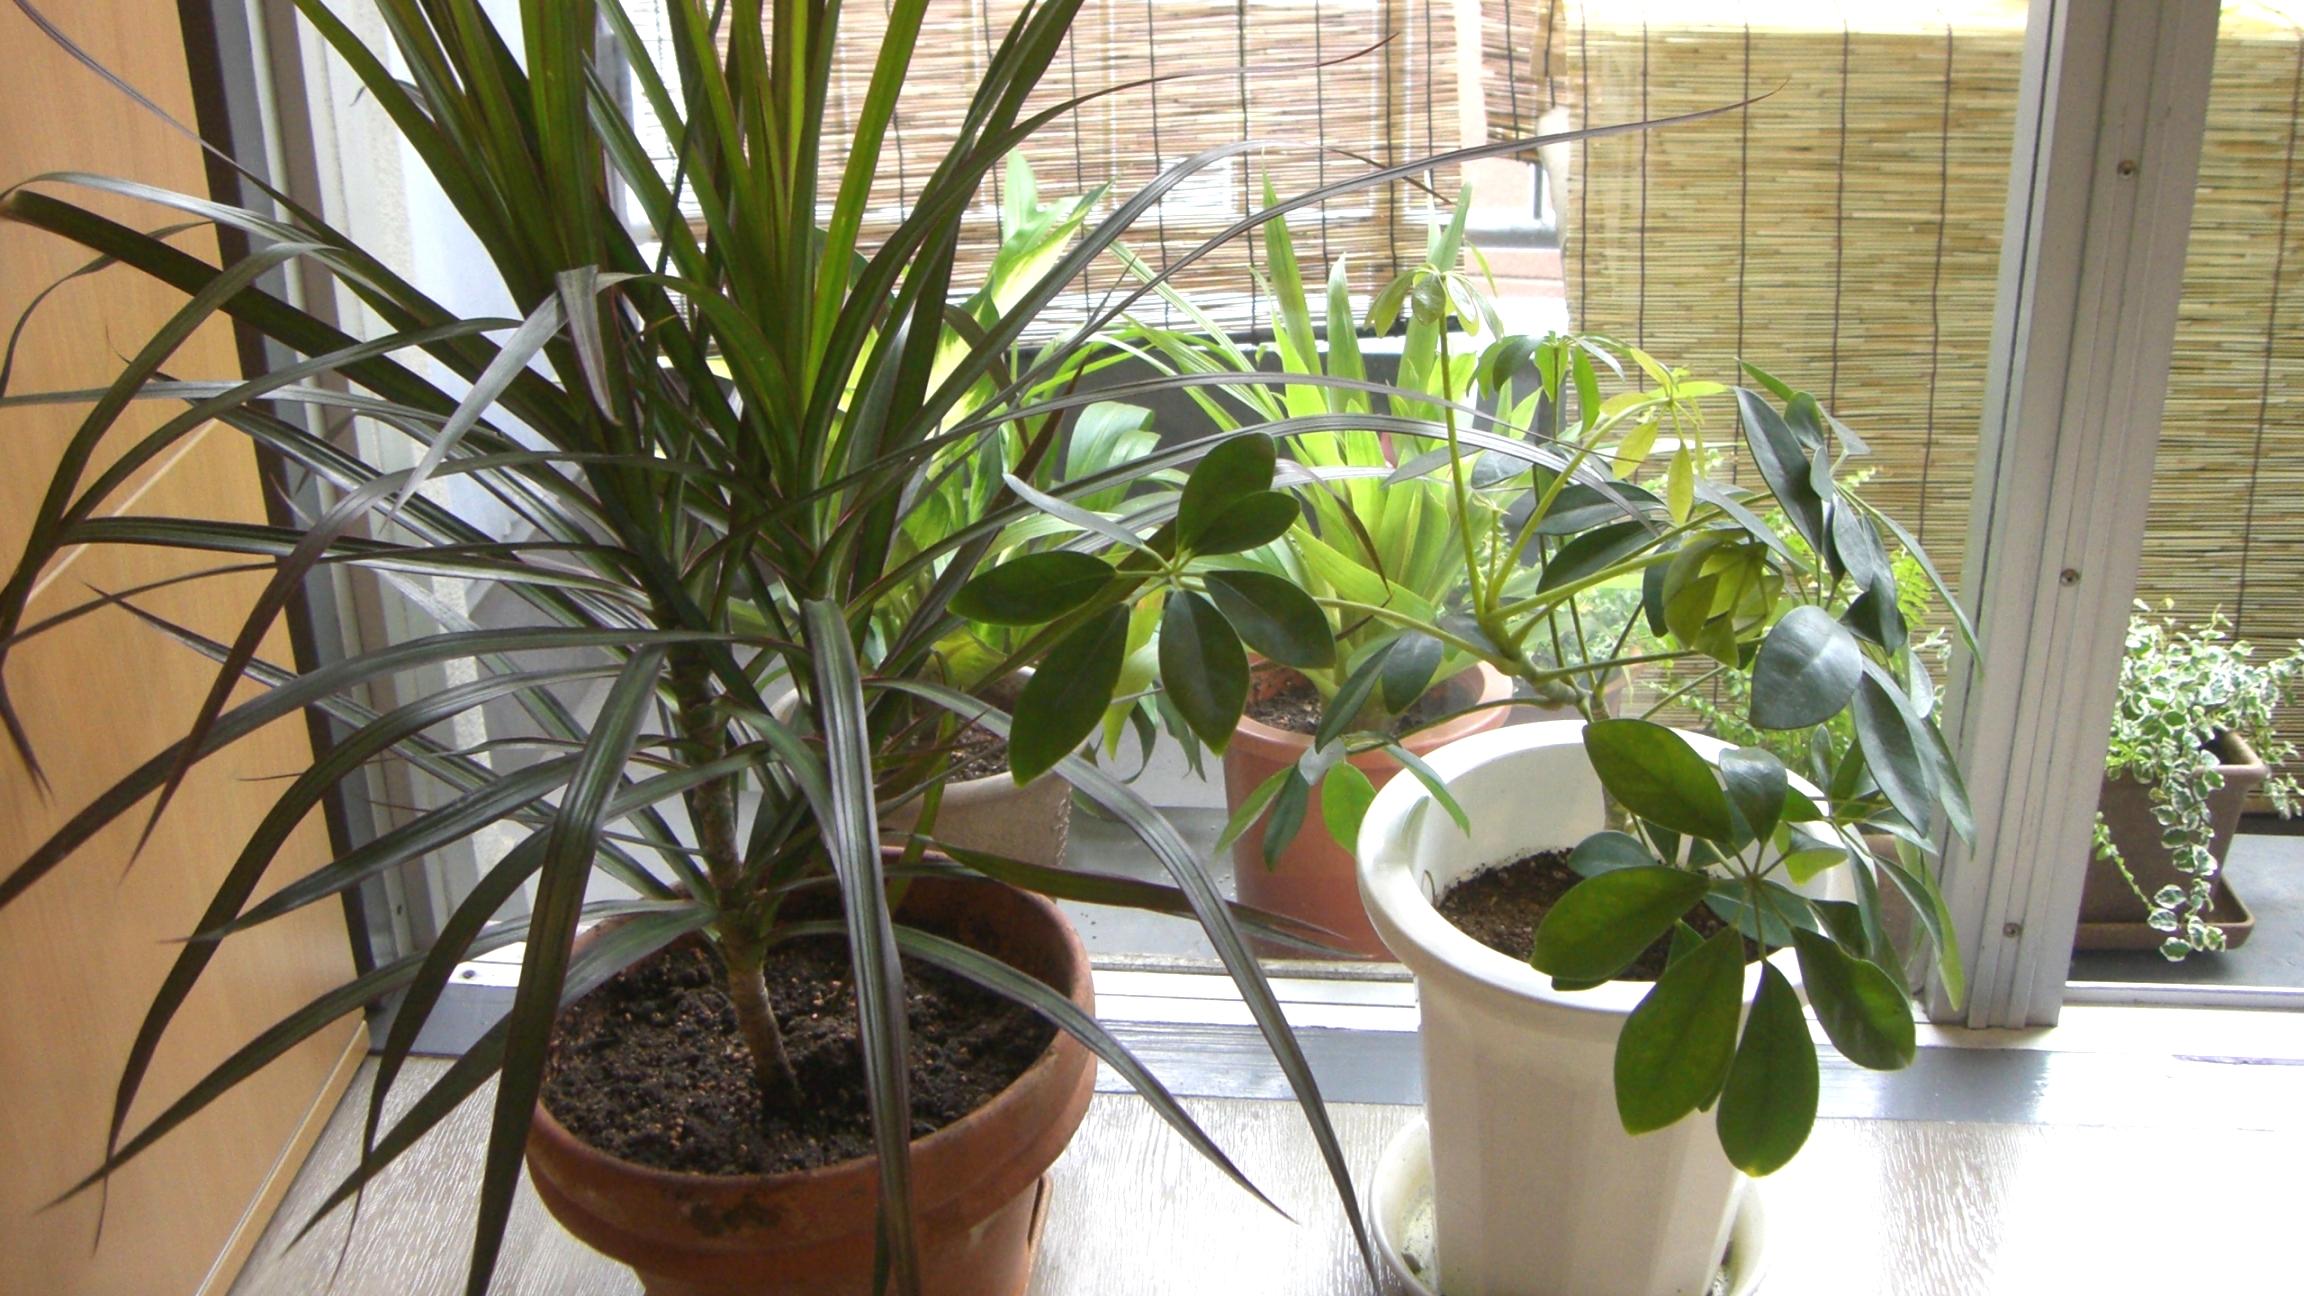 【風水】植物がグングン伸びる物件で風水的にも正解?観葉植物を植え替える♪